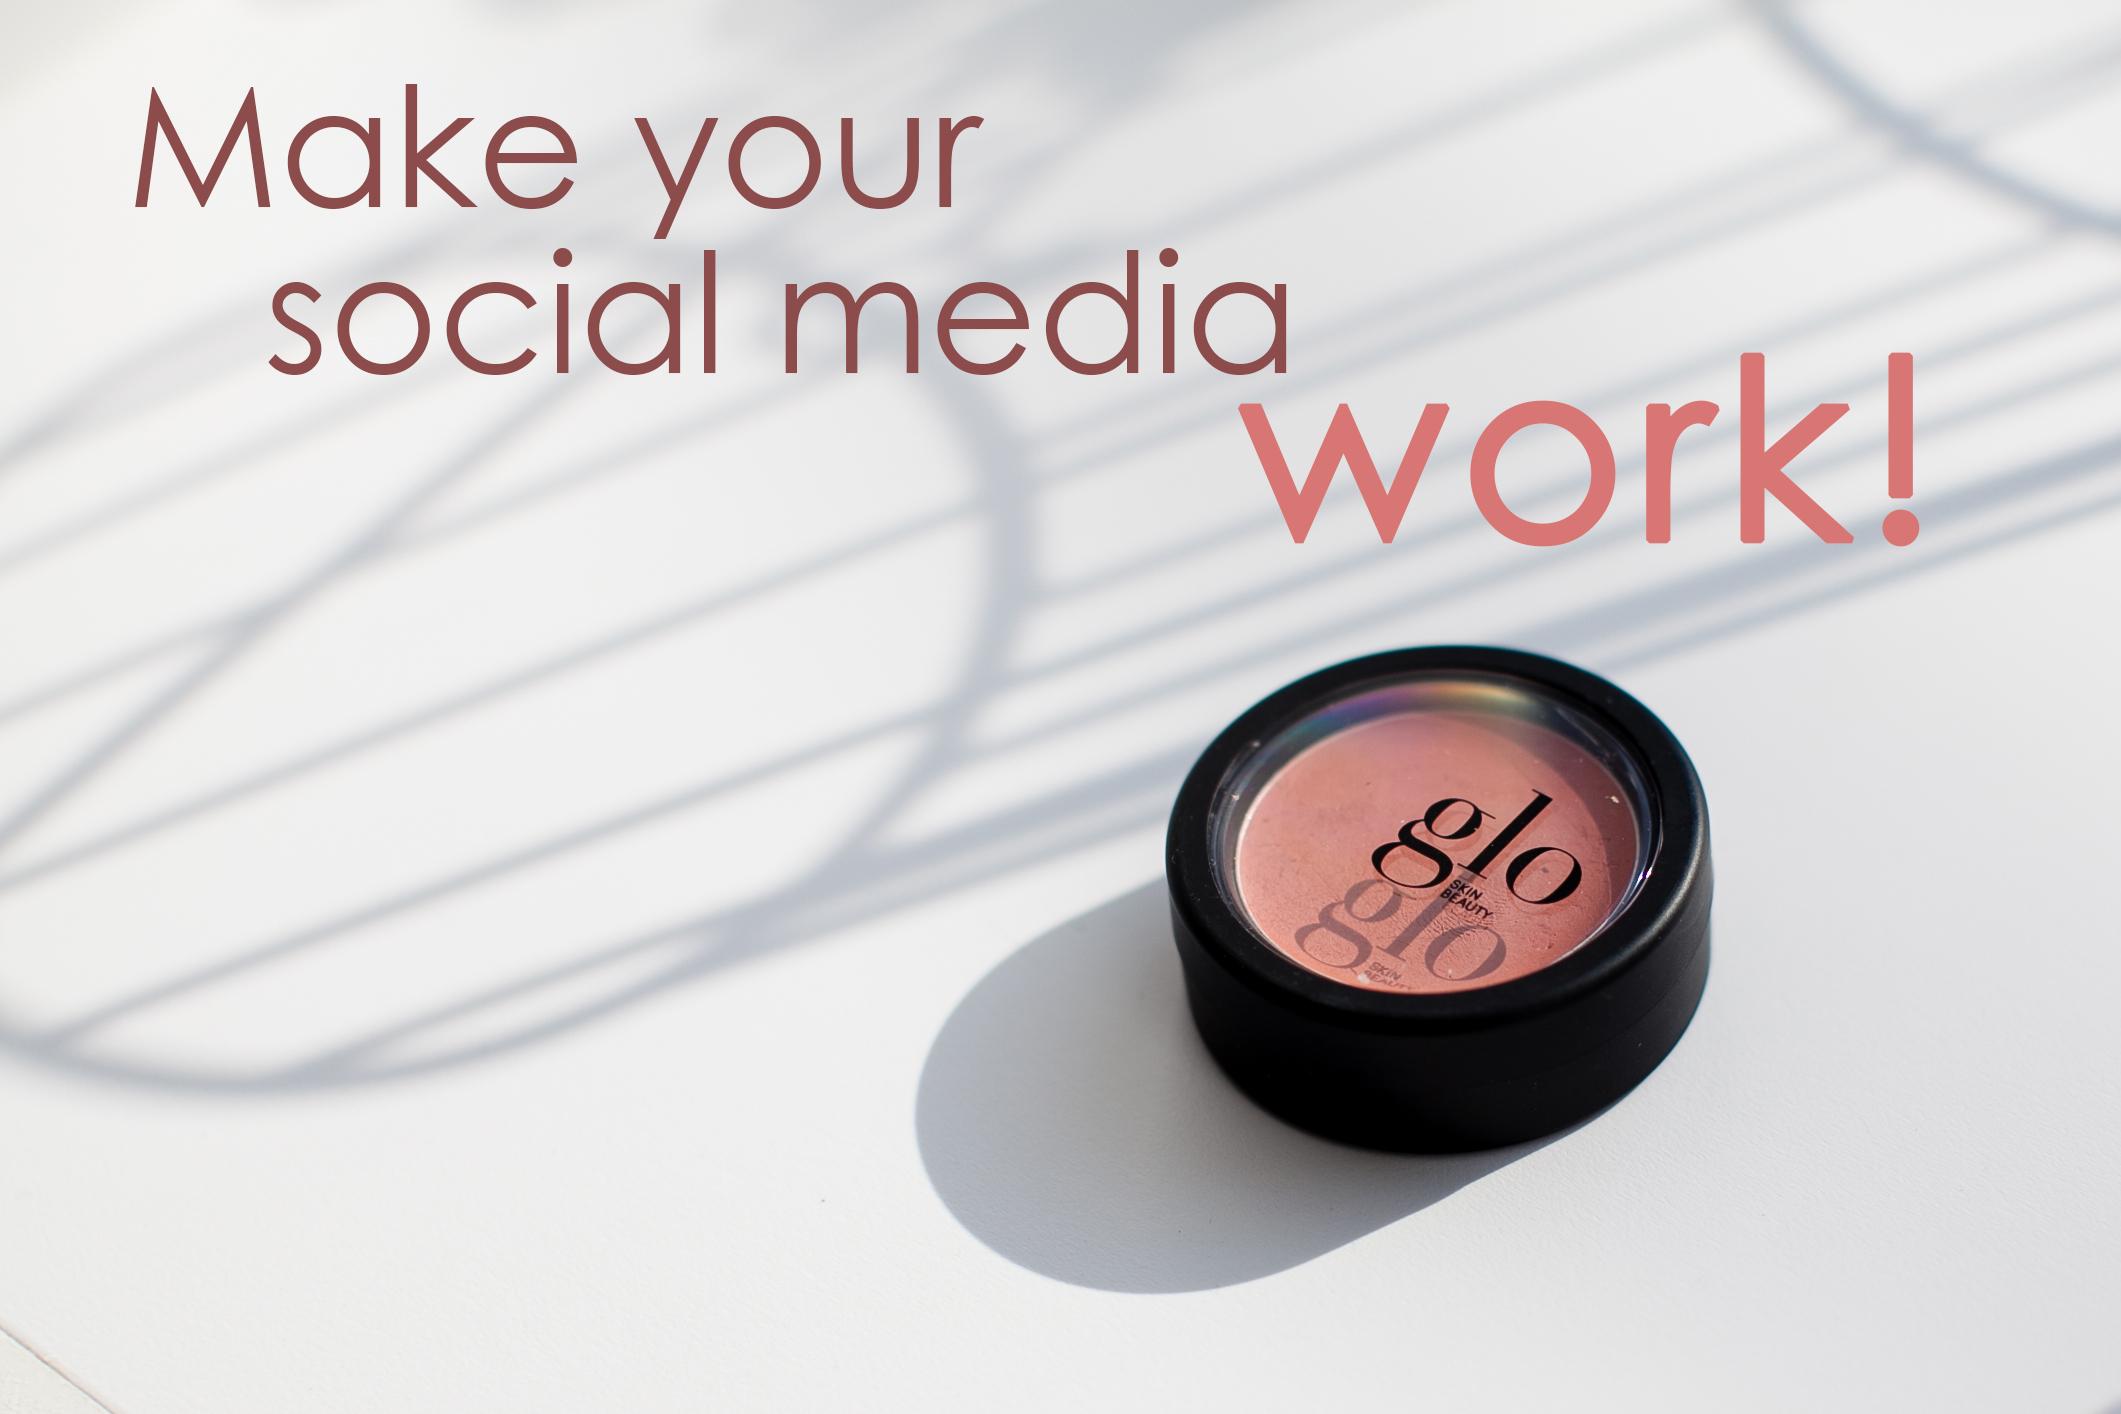 make your social media work.jpg